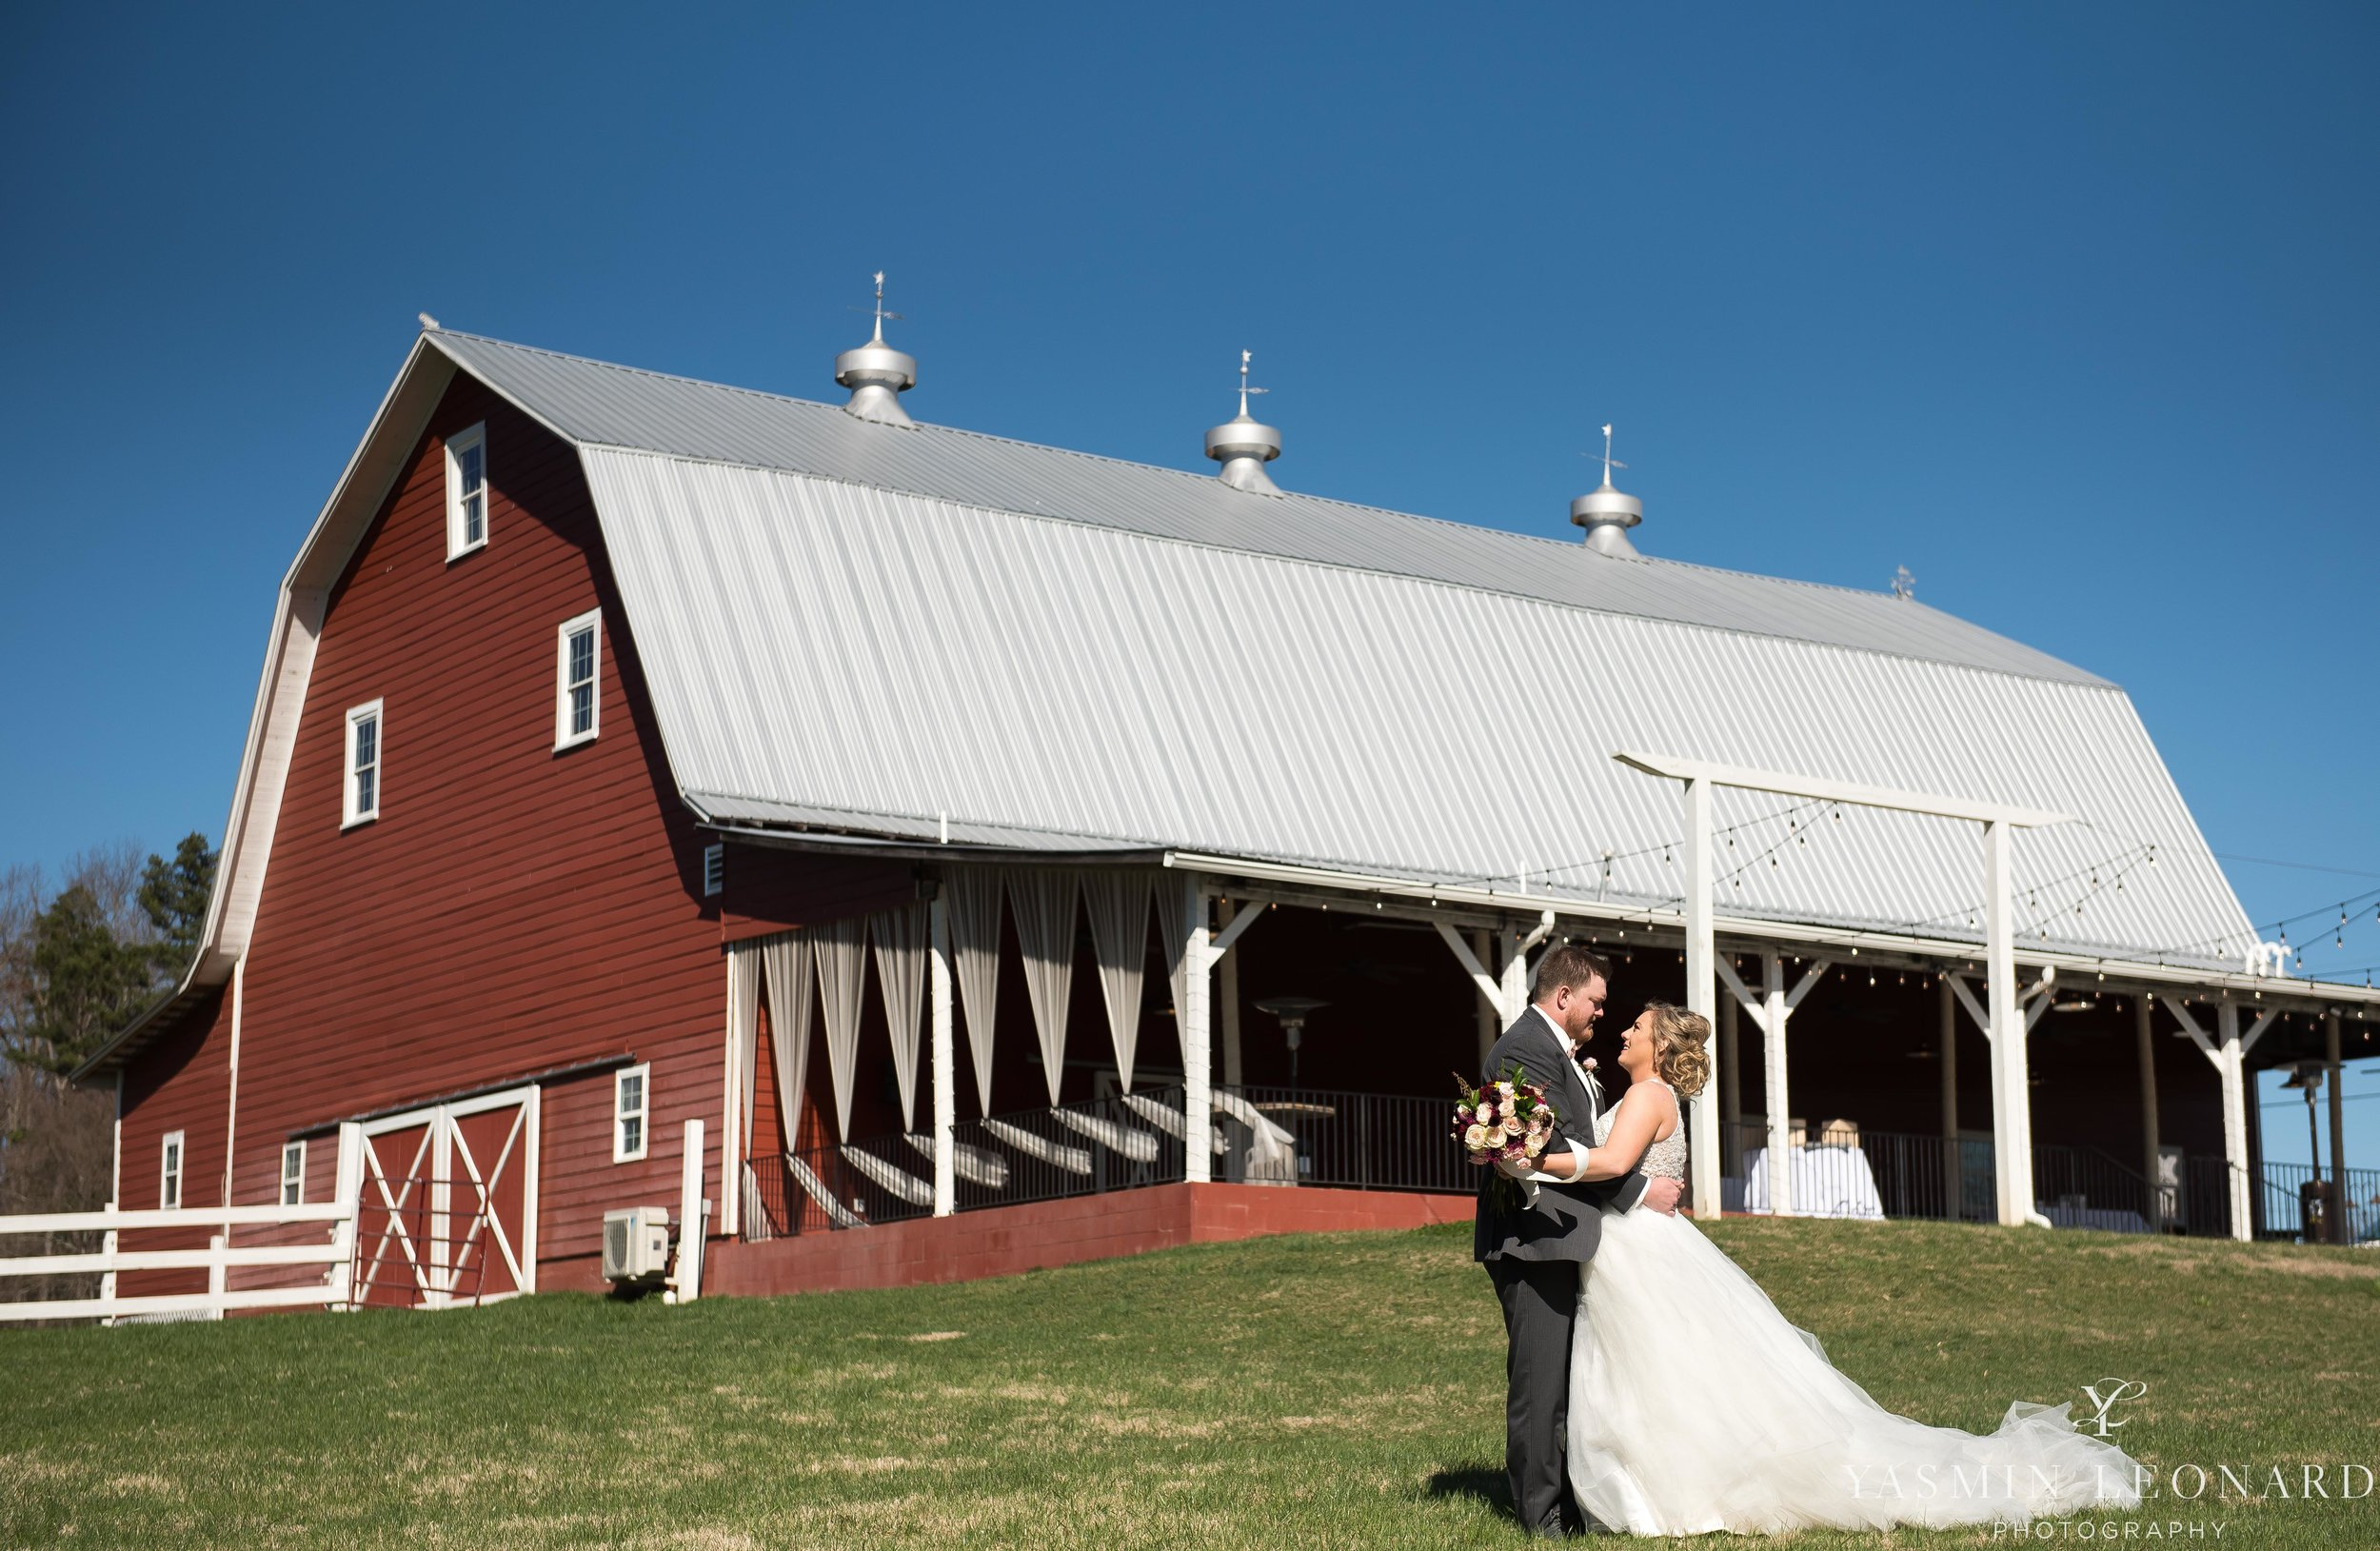 Millikan Farms - Millikan Farms Wedding - Sophia NC Wedding - NC Wedding - NC Wedding Photographer - Yasmin Leonard Photography - High Point Photographer - Barn Wedding - Wedding Venues in NC - Triad Wedding Photographer-26.jpg